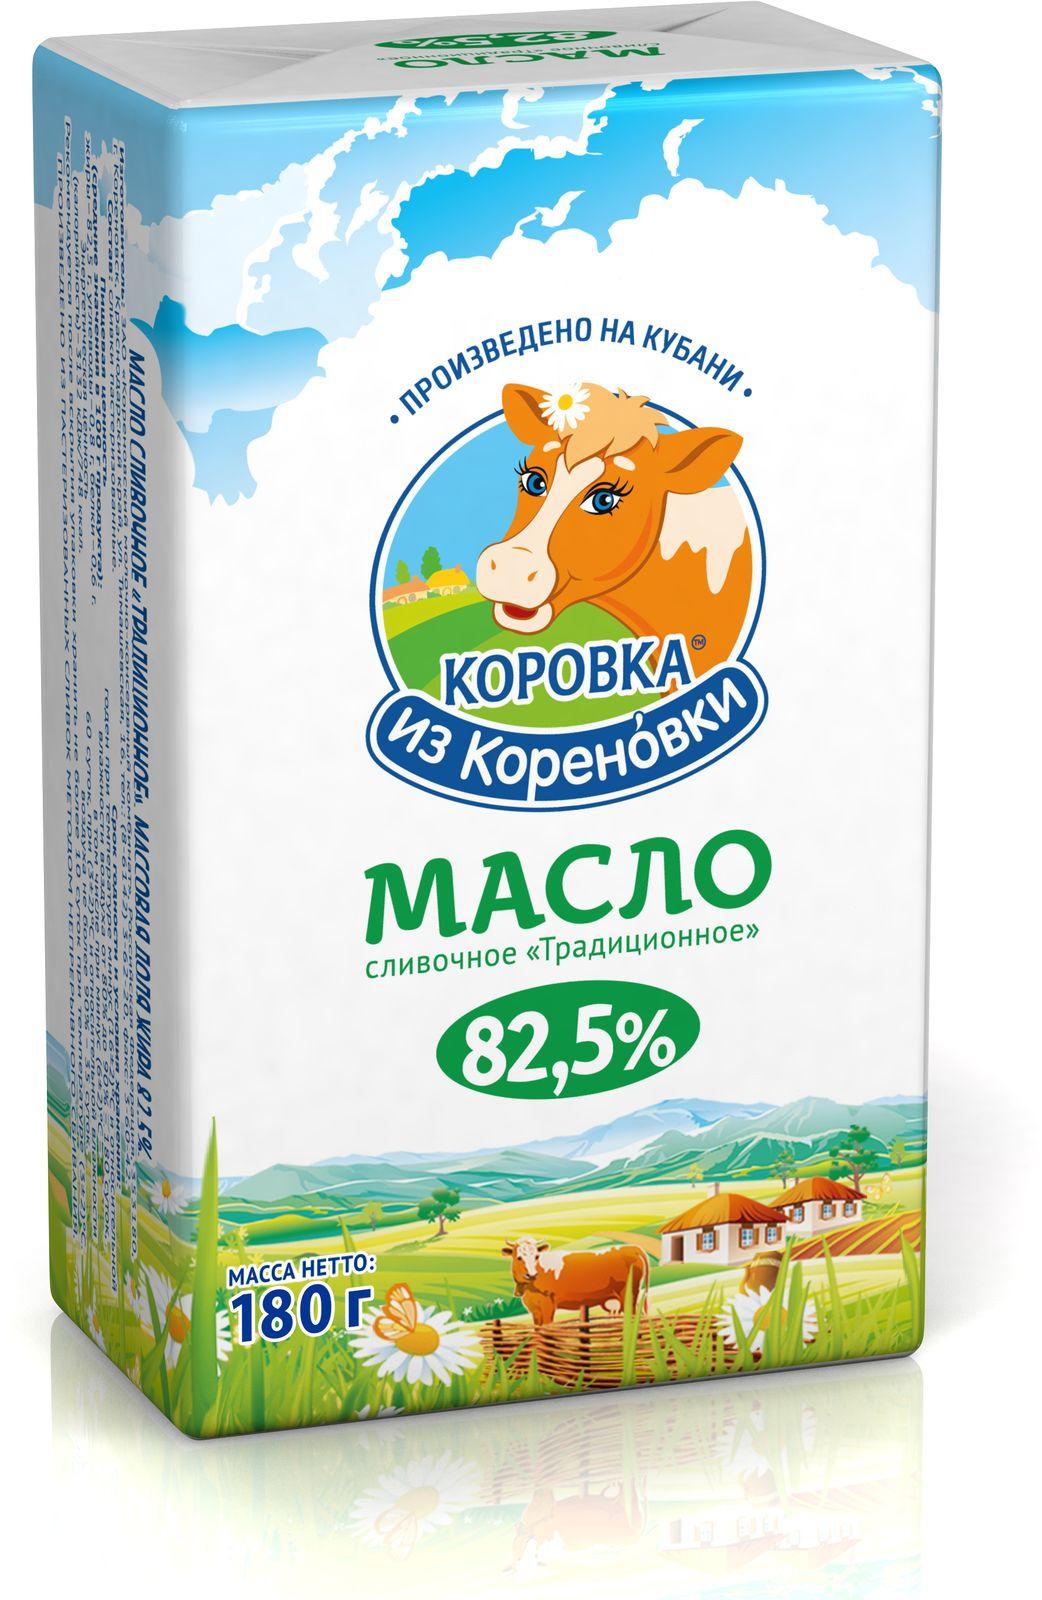 Сливочное масло Коровка из Кореновки Традиционное, 82,5%, 180 г